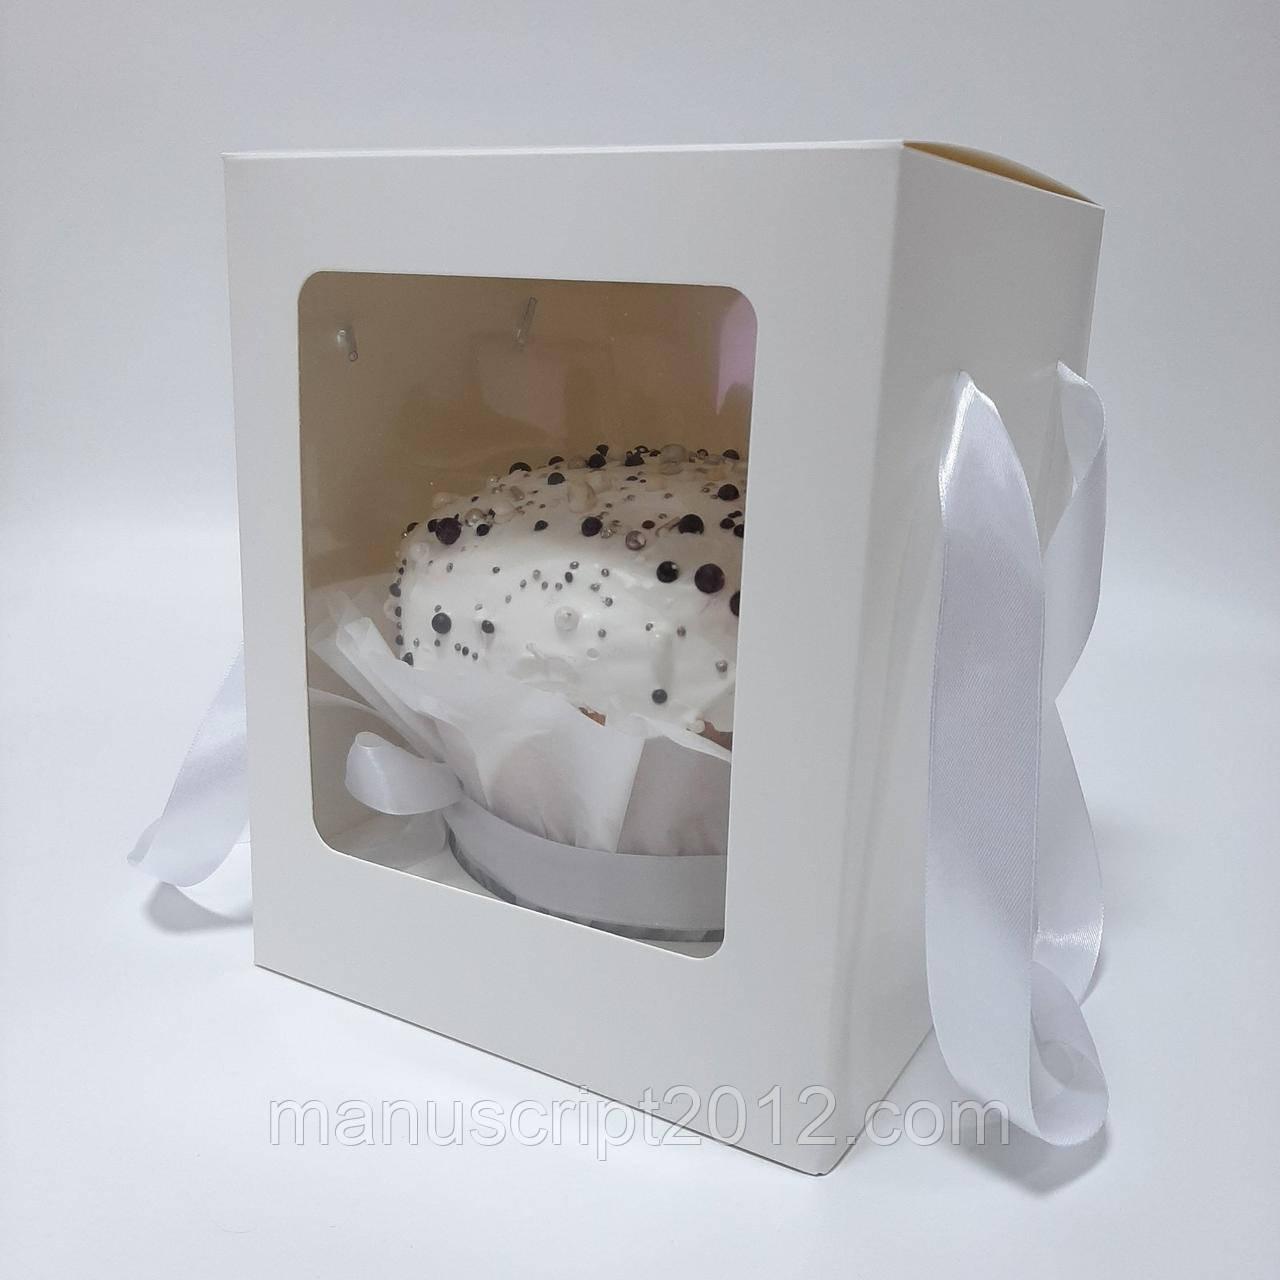 Коробка с ручками для паски, пряничных домов 200х200х250 мм. с окном